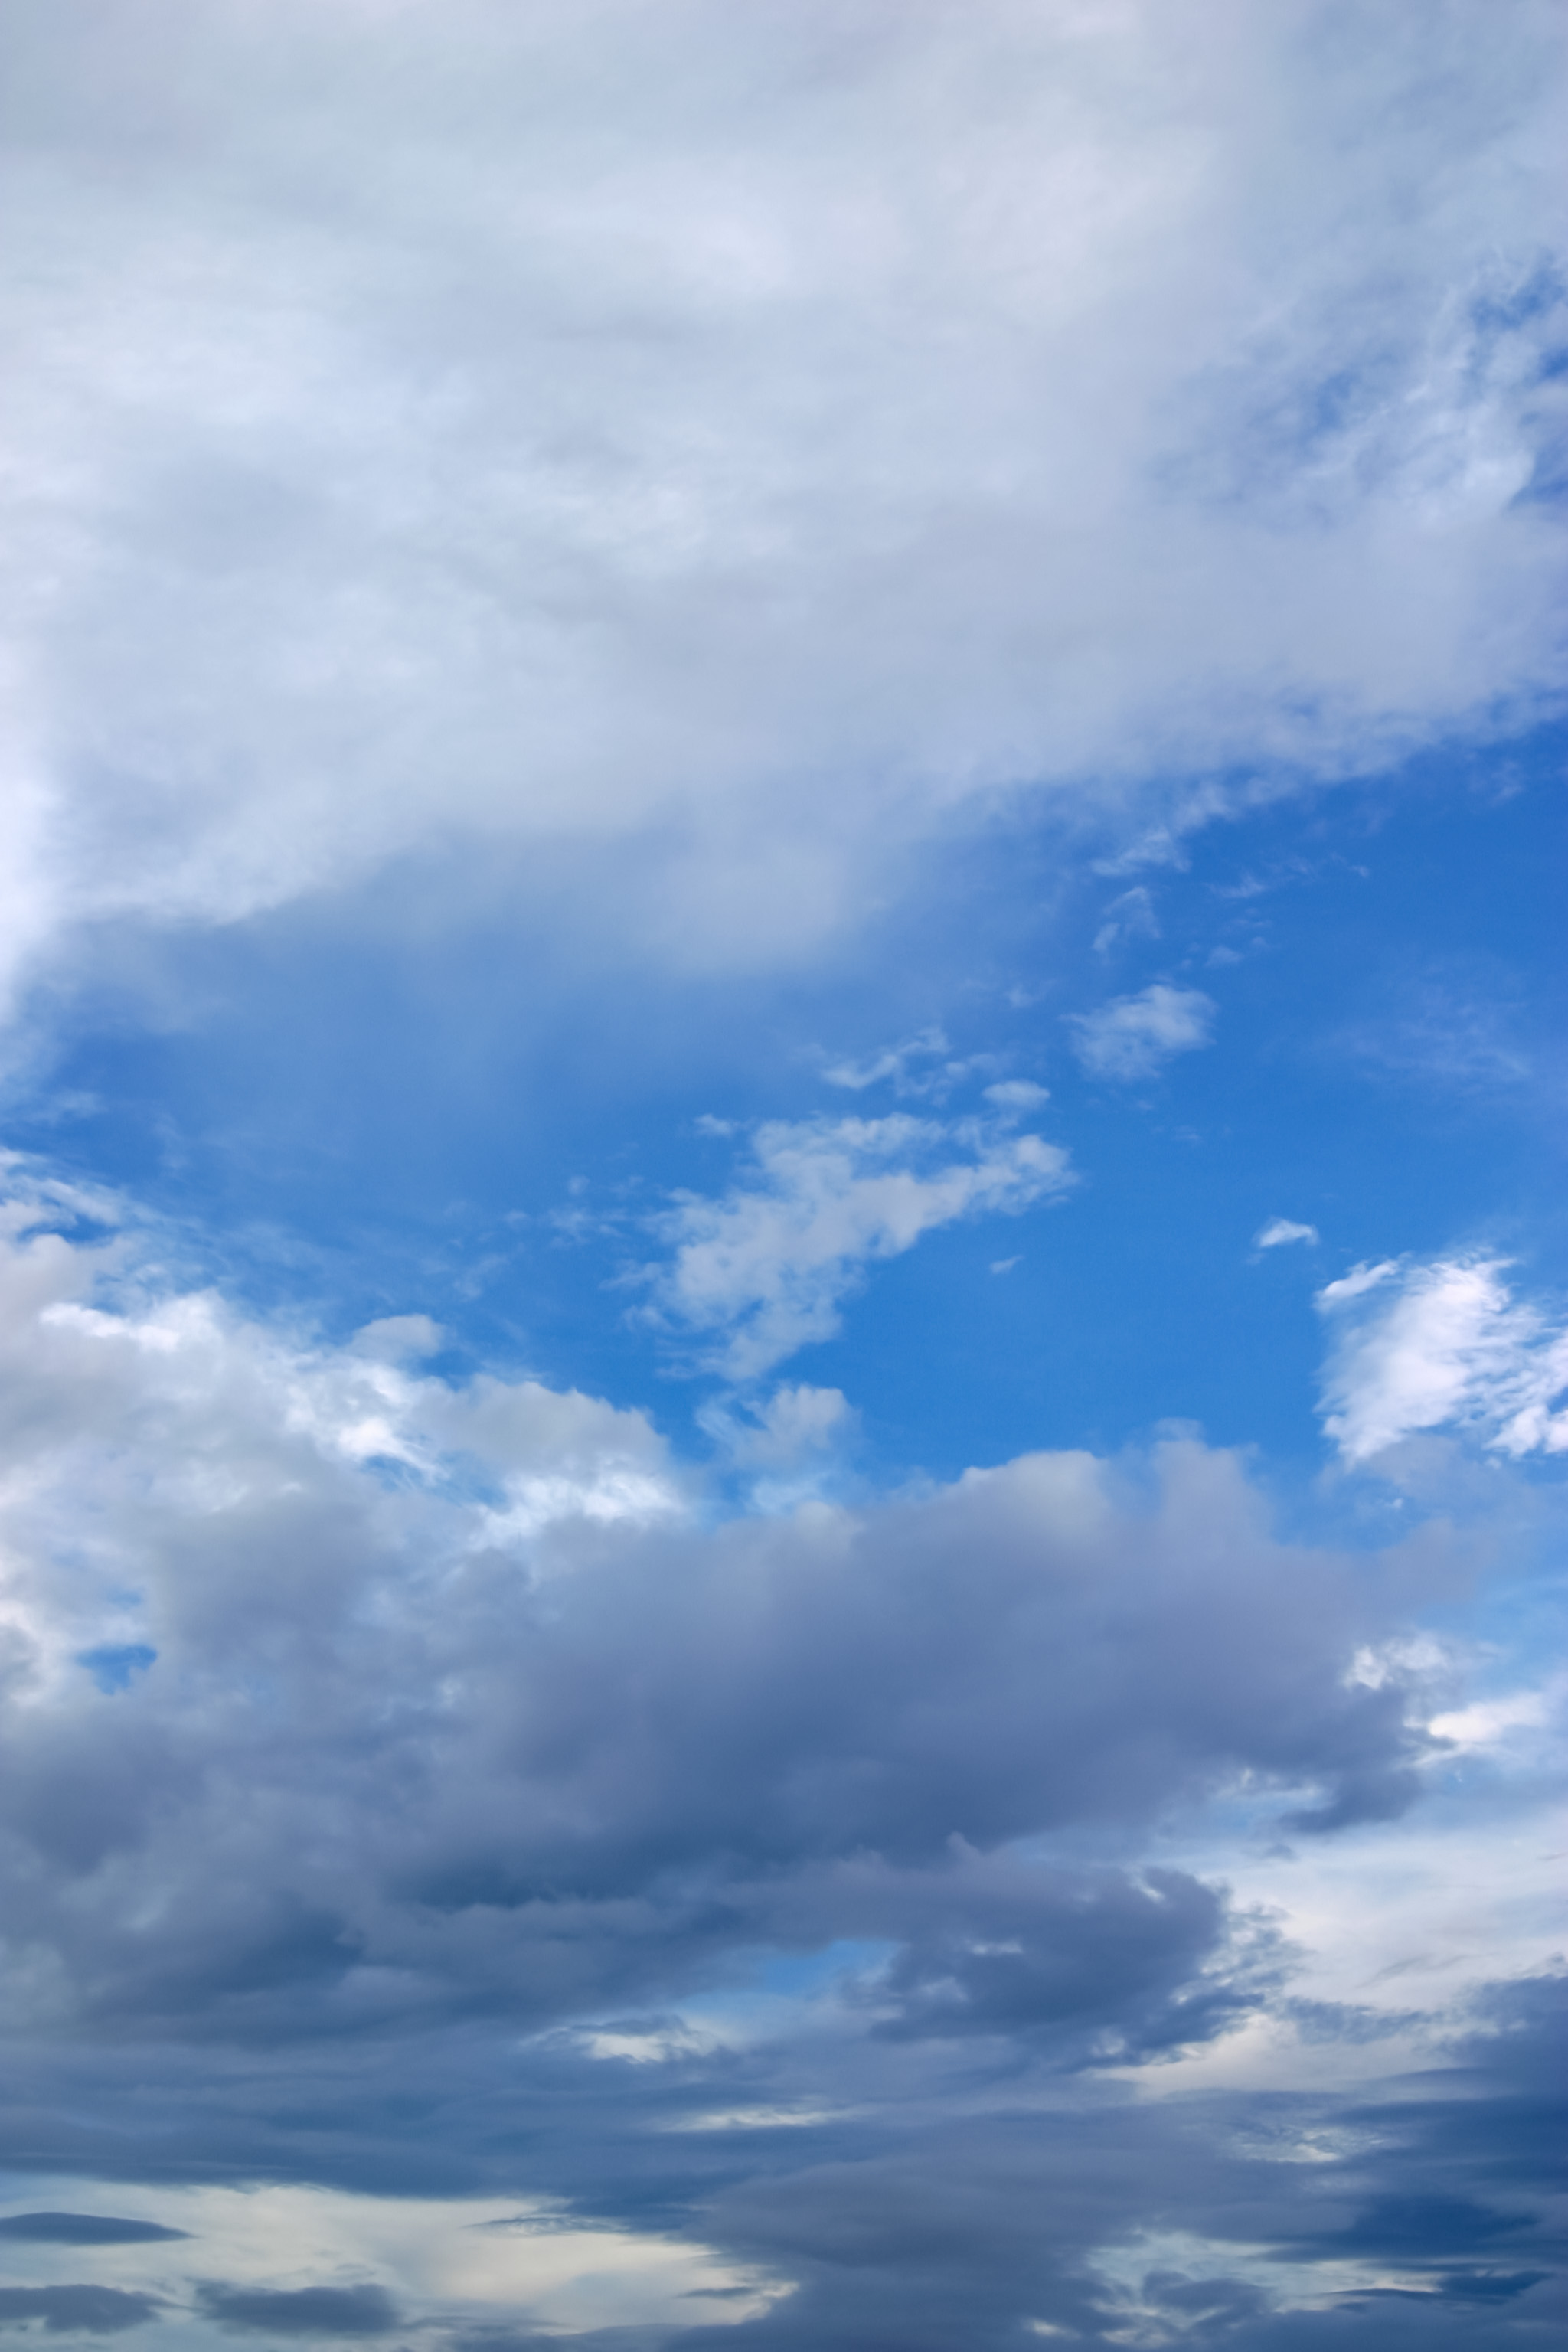 雨上がりの青空 Free Photos L/RGB/JPEG/350dpi